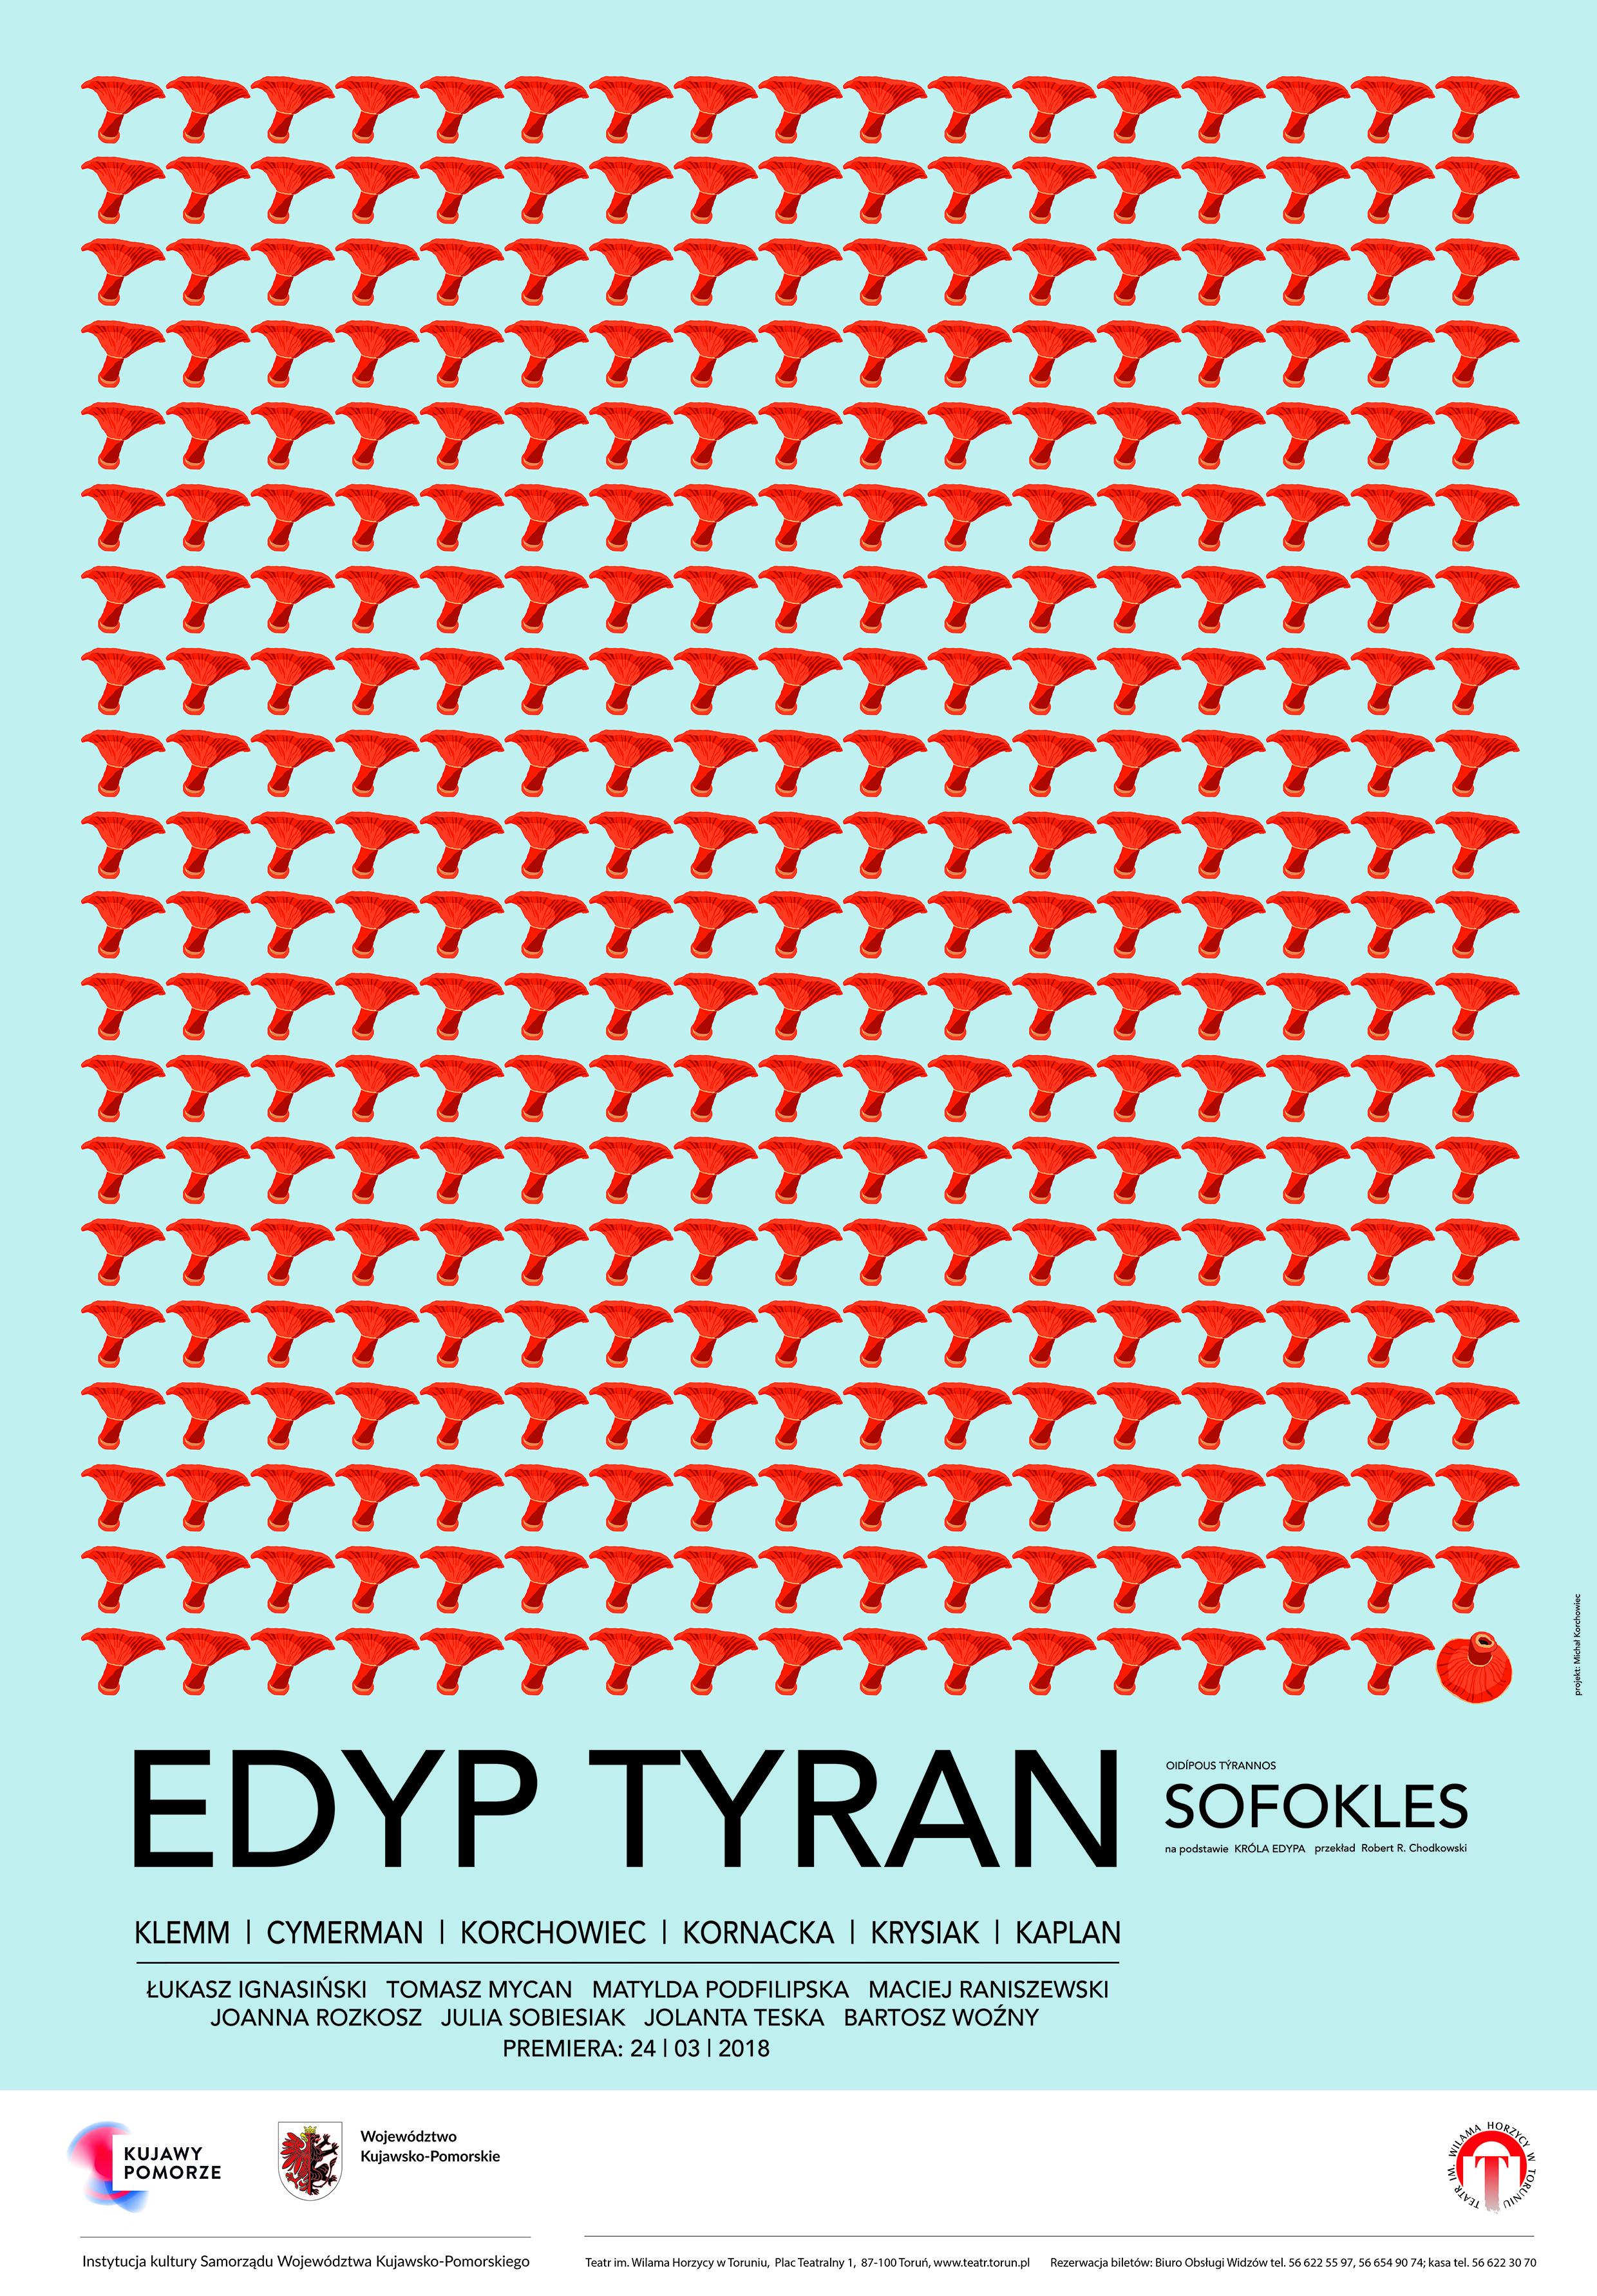 Edyp Tyran